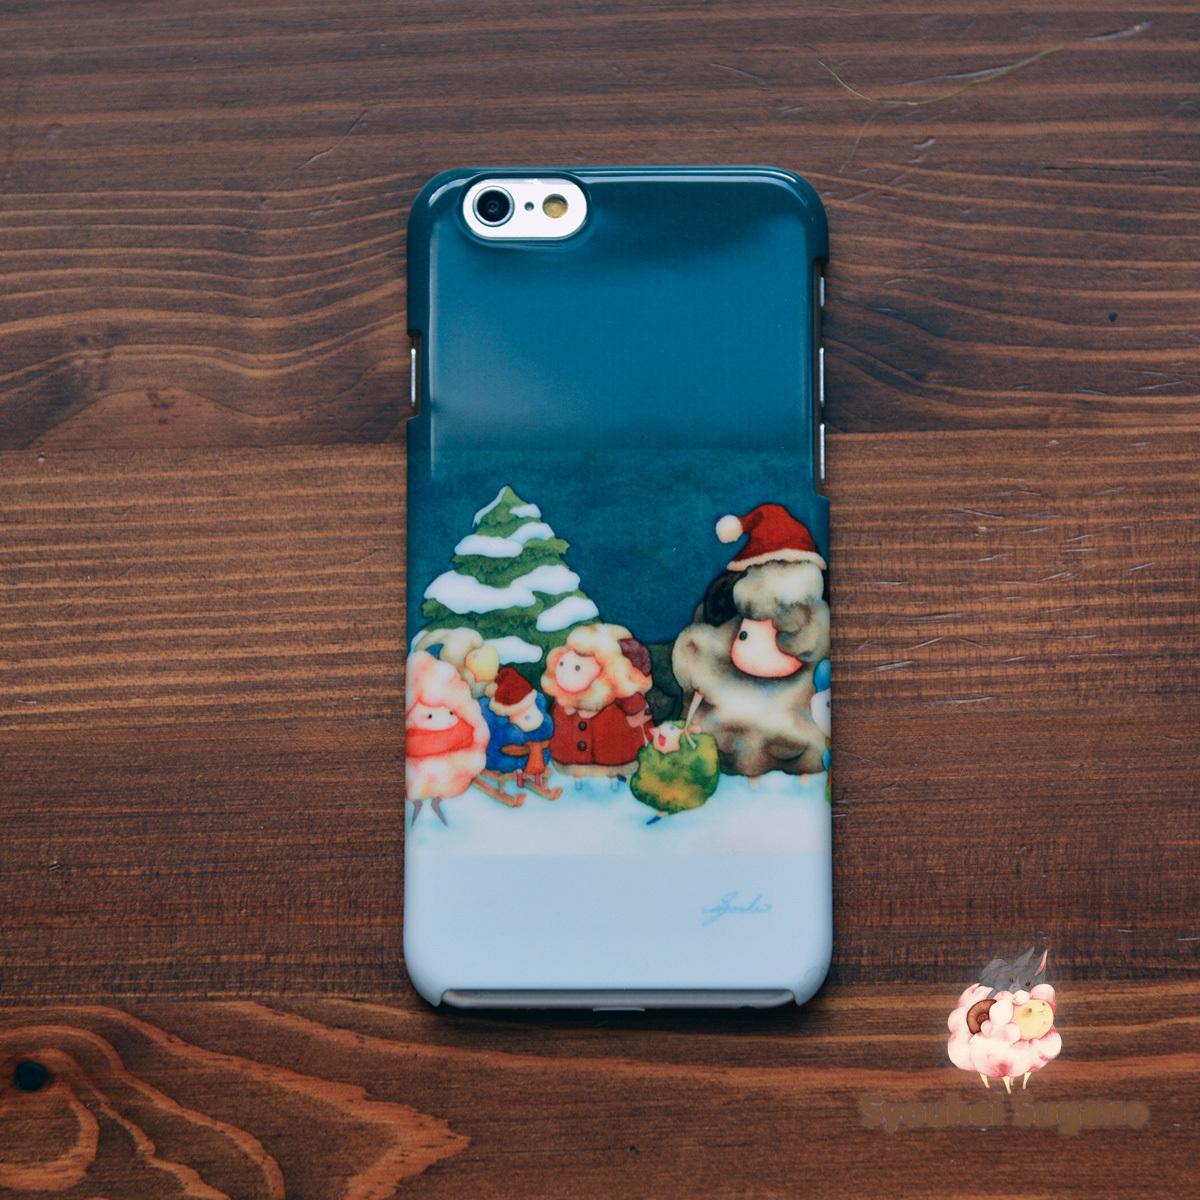 iphone6s ケース クリスマス iphone6 ケース クリスマス iphone6s ケース 羊 iphone6 ケース 羊 まだかなまだかな/Syouhei Sugano